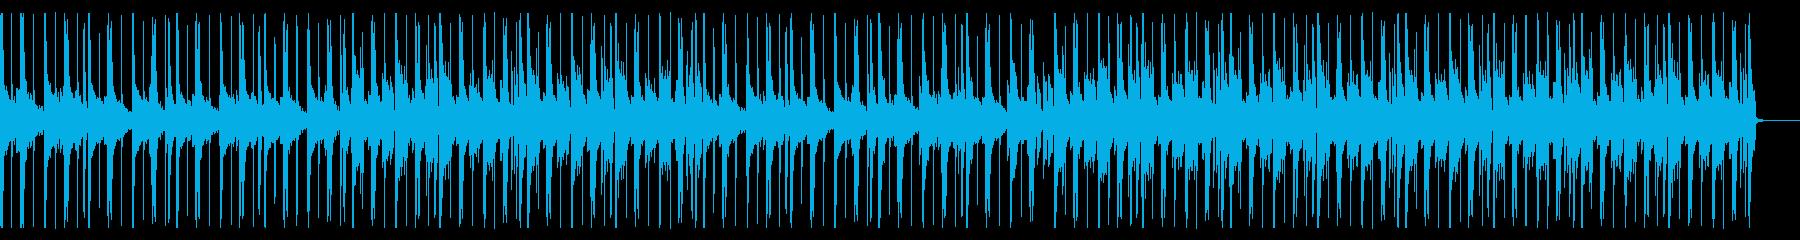 儚げ/R&B_No606_6の再生済みの波形